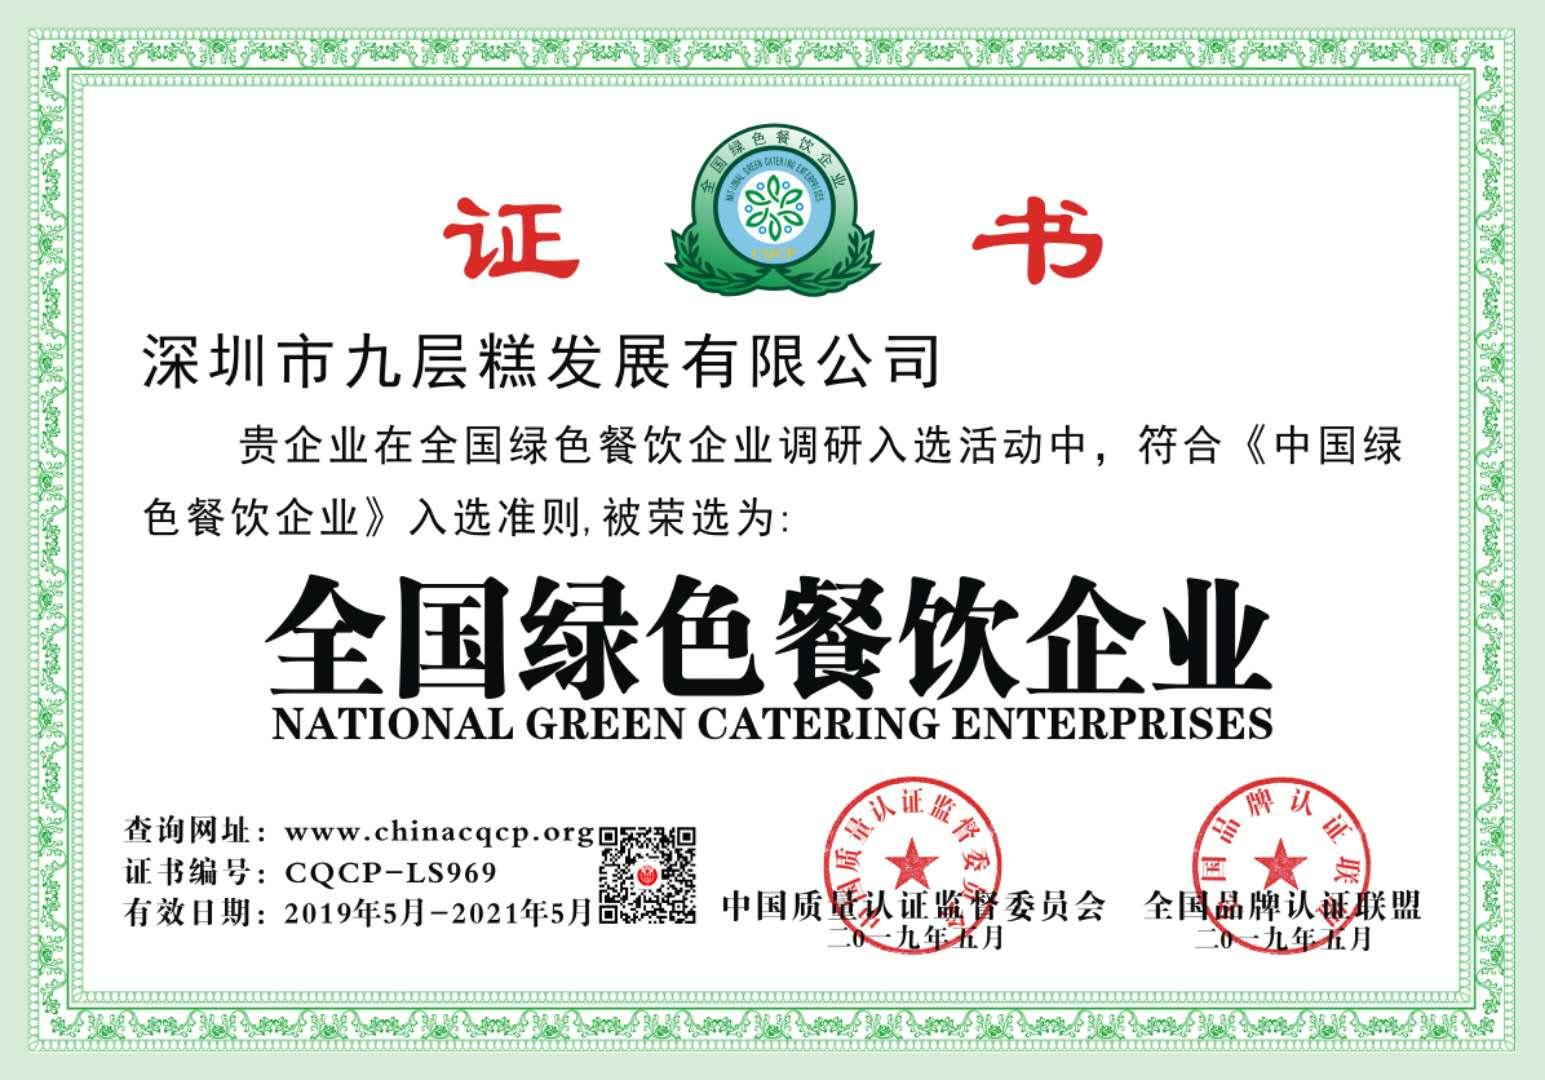 仫佬字号荣获全国绿色餐饮企业